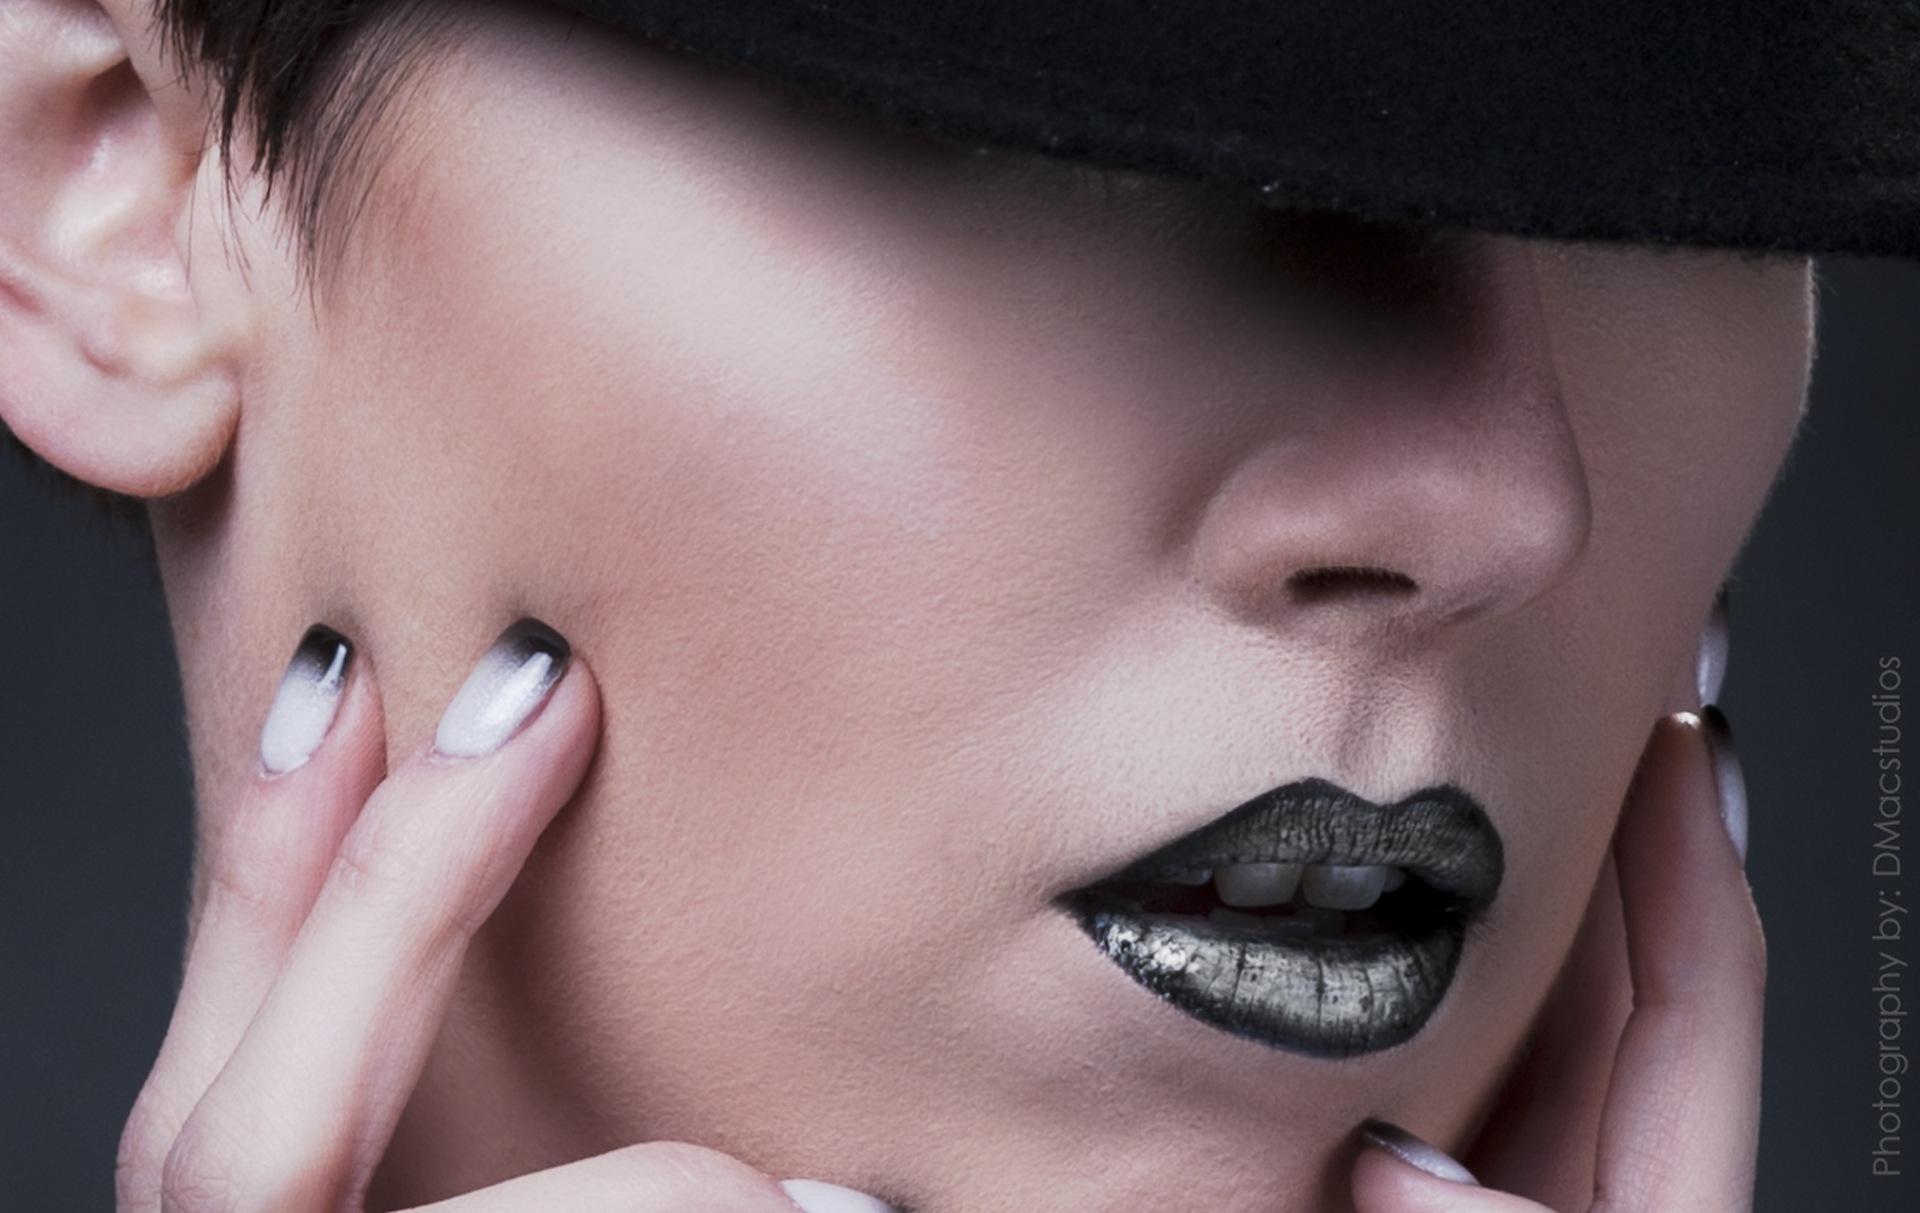 About the makeup by DMacstudios